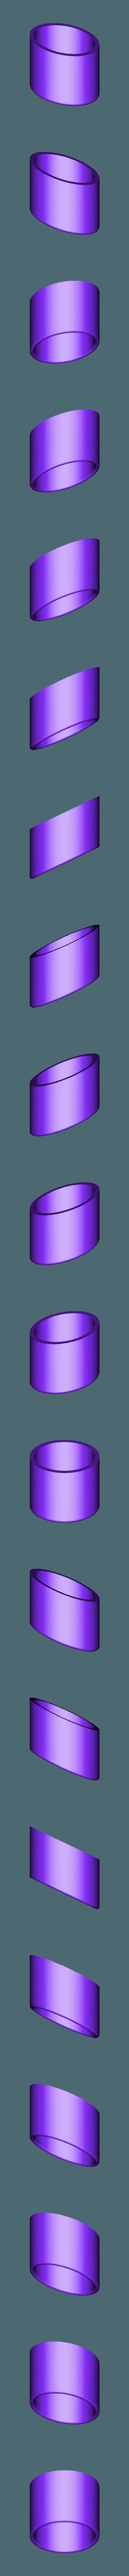 Barrel.stl Télécharger fichier STL gratuit Mario + Lapins Crétins - Plumer's Helper Boomshot • Modèle pour impression 3D, Dsk